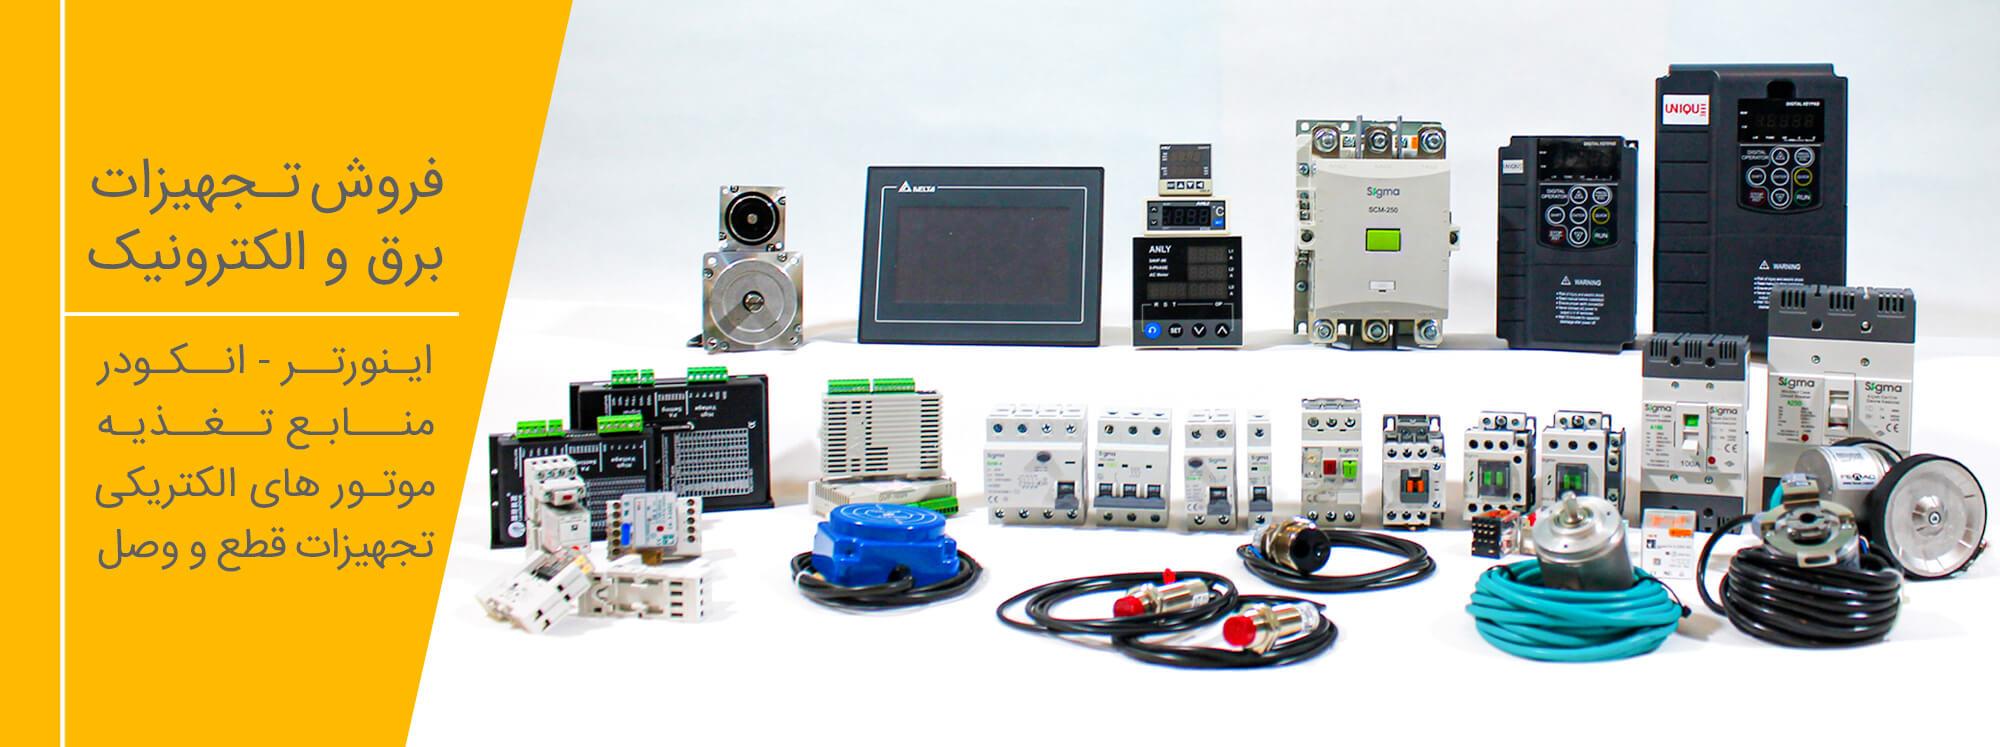 فروش تجهیزات برق و الکترونیک